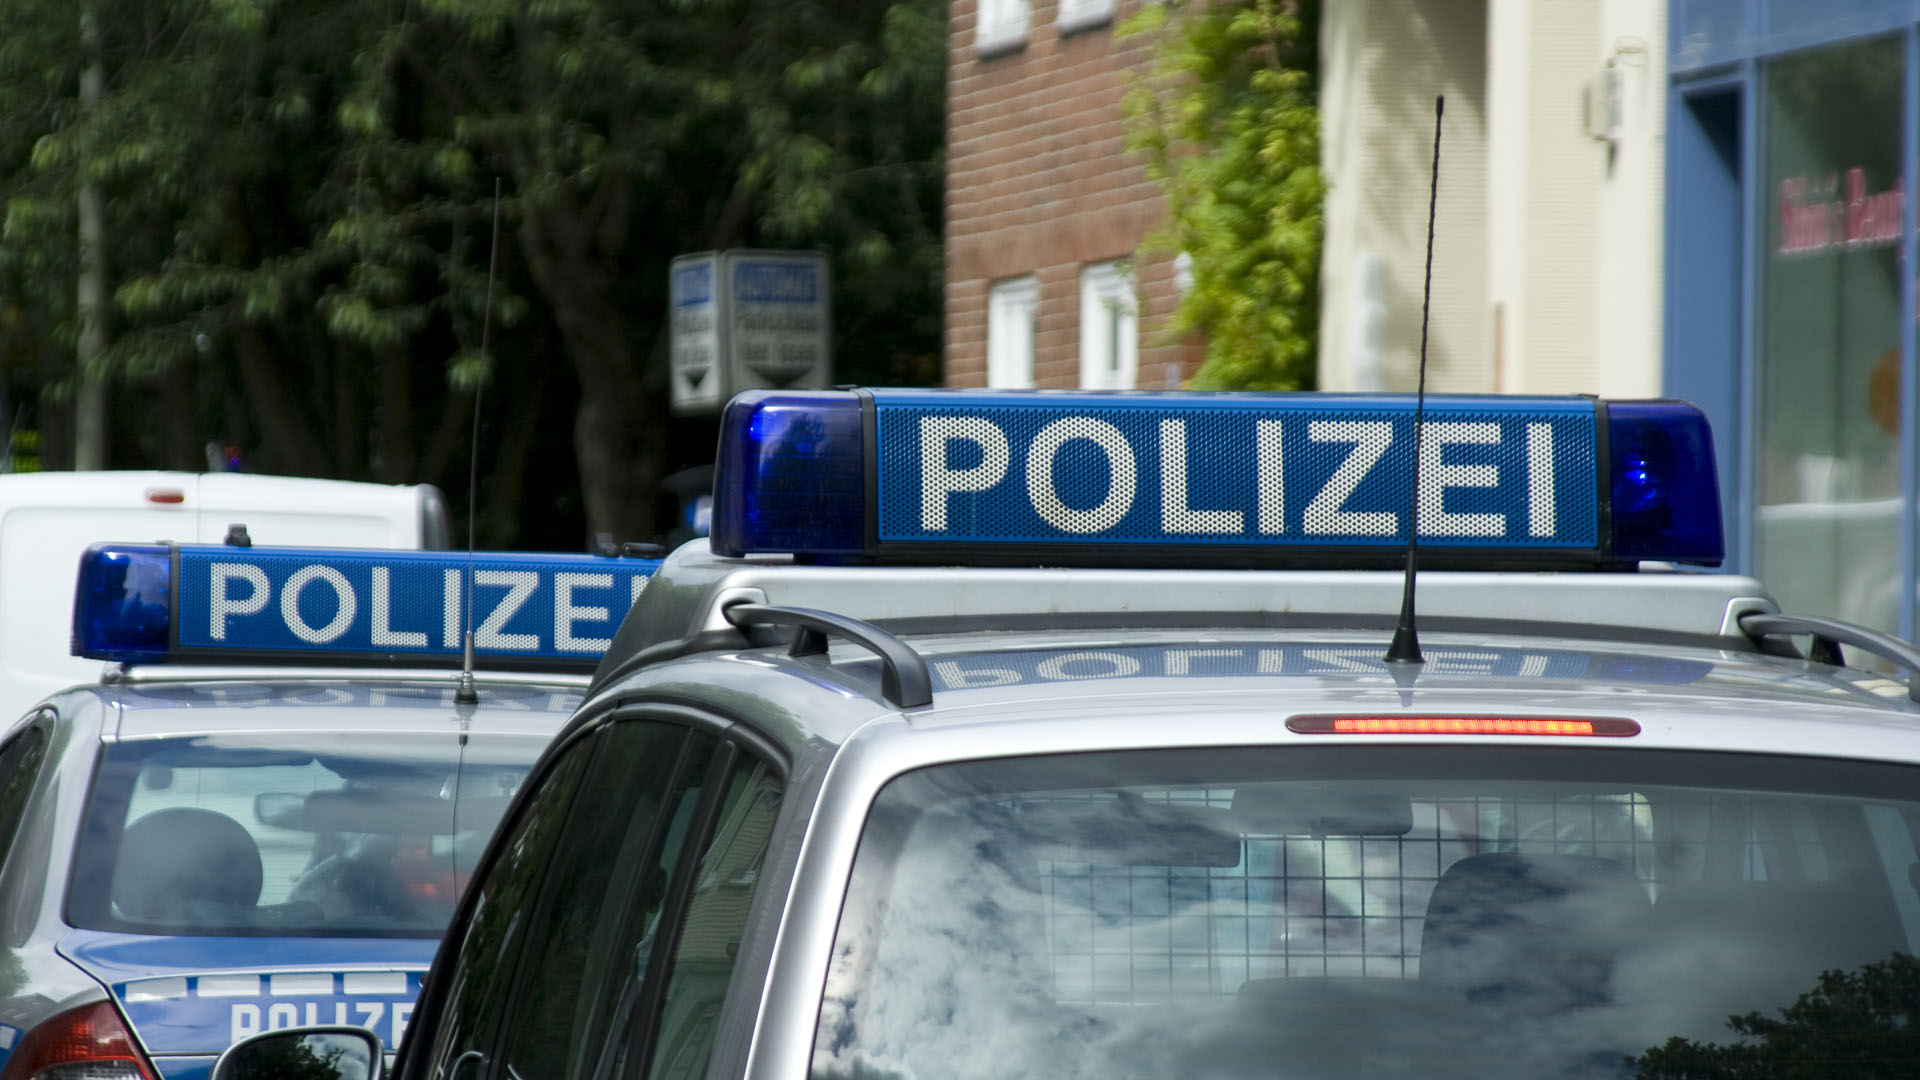 El ministro de Interior alemán informó que se detuvo a tres personas durante la operación